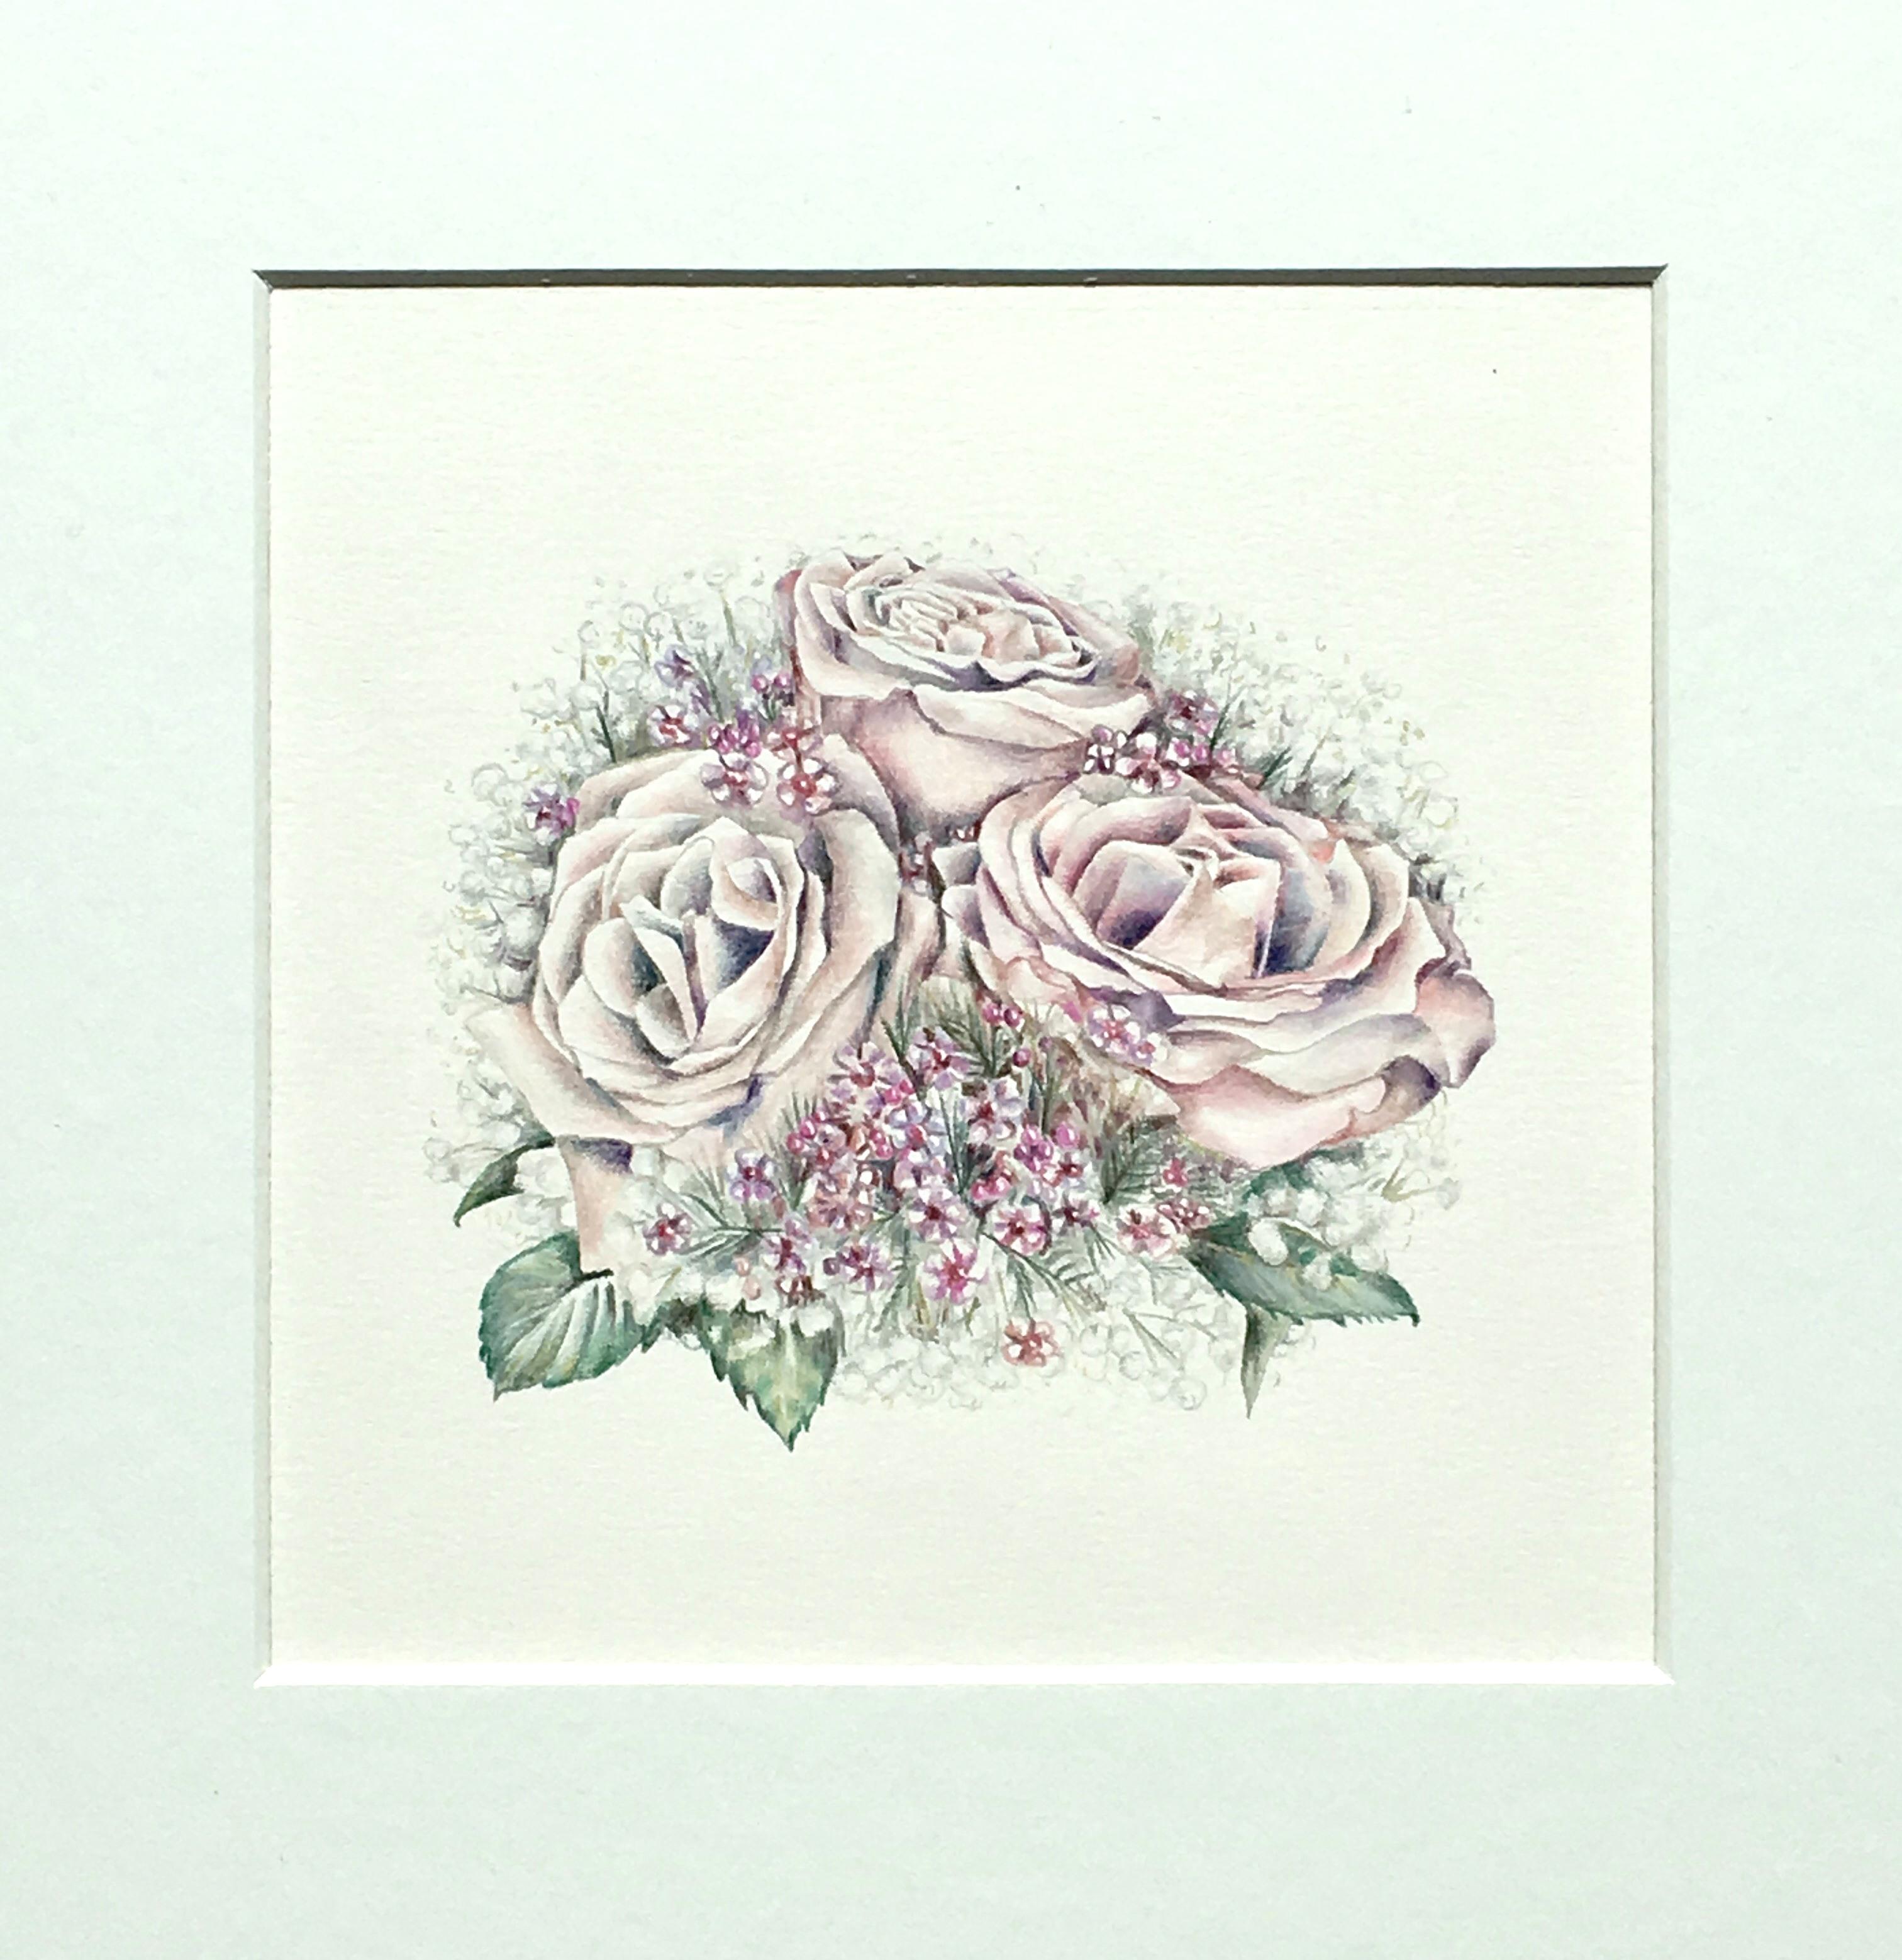 Wedding Bouquet Illustration Service for blogger Megan Taylor by botanical artist Charlotte Argyrou